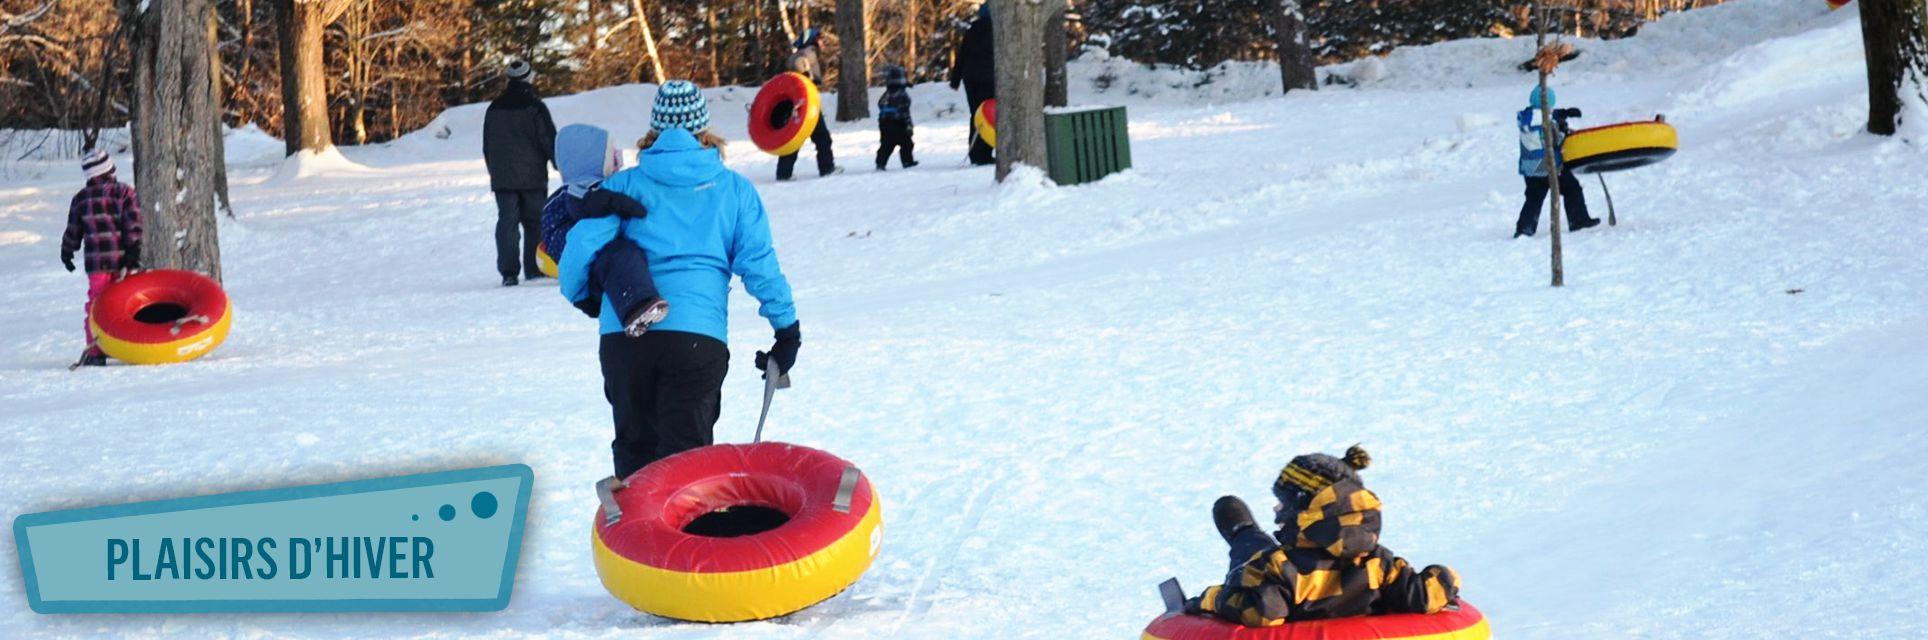 Plaisirs d'hiver à Cowansville